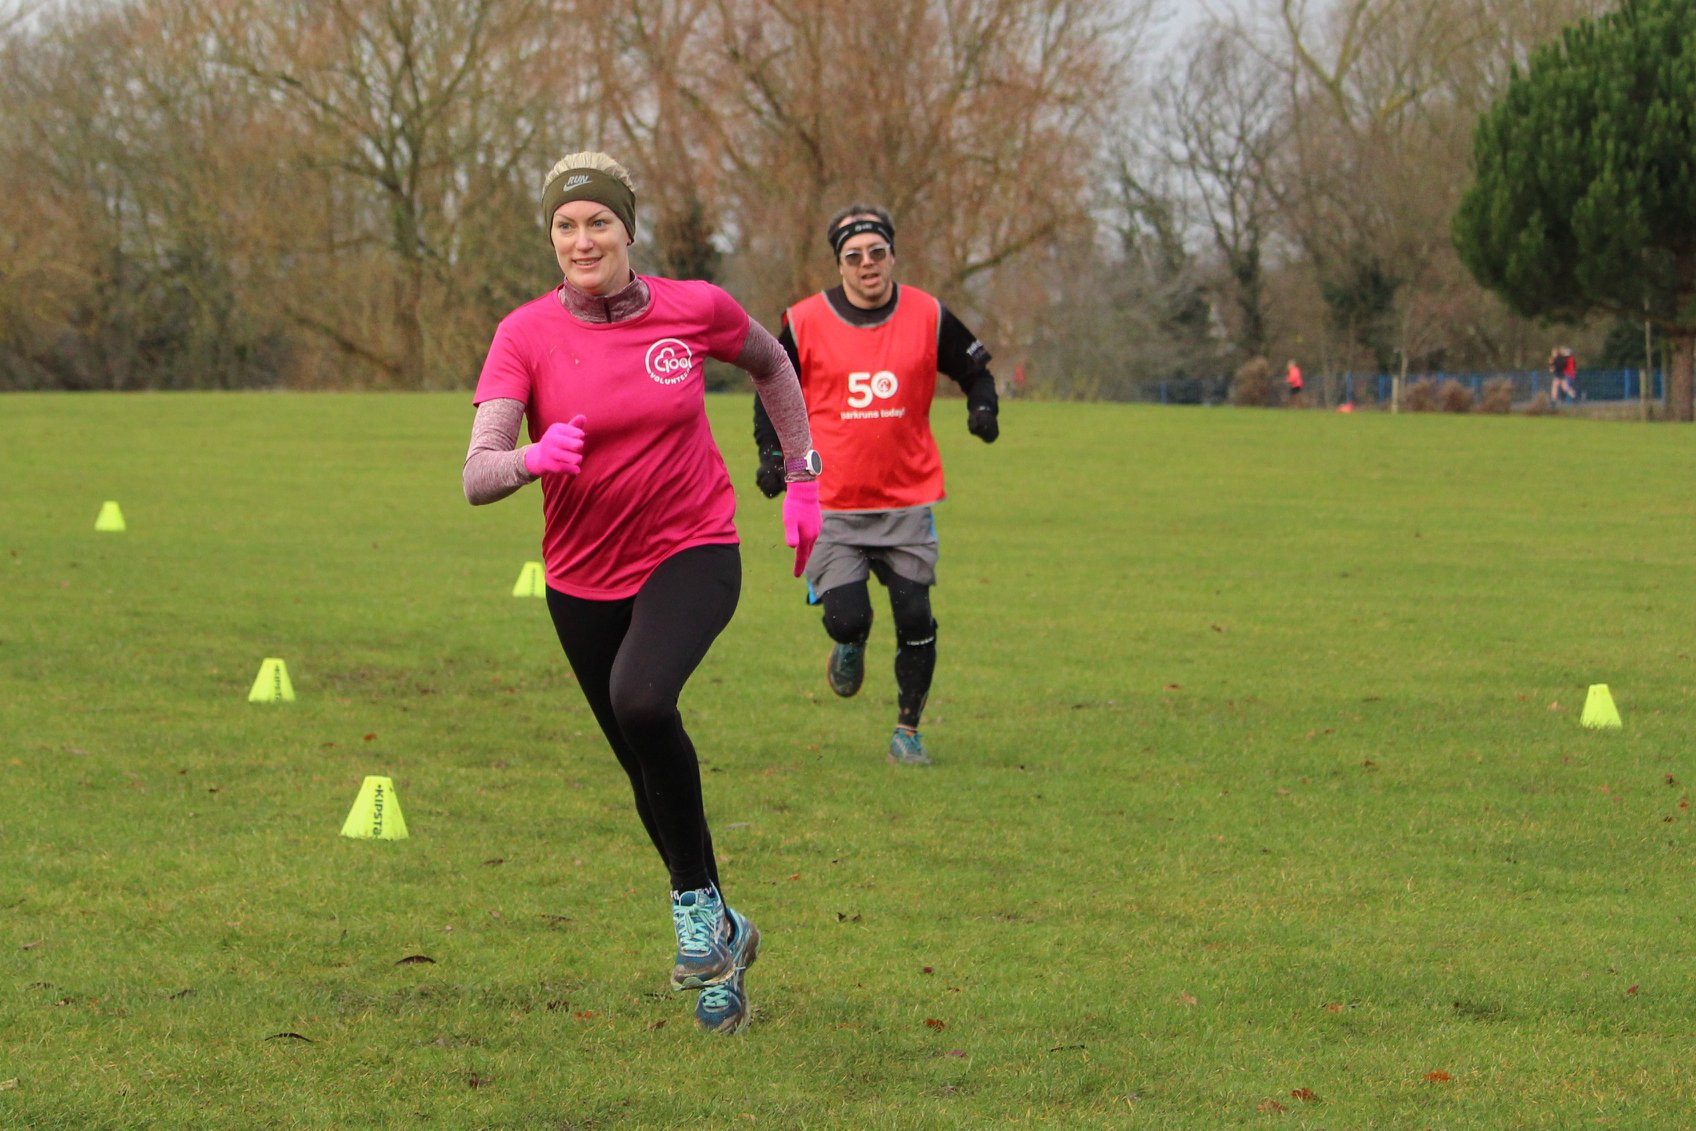 cath sprint